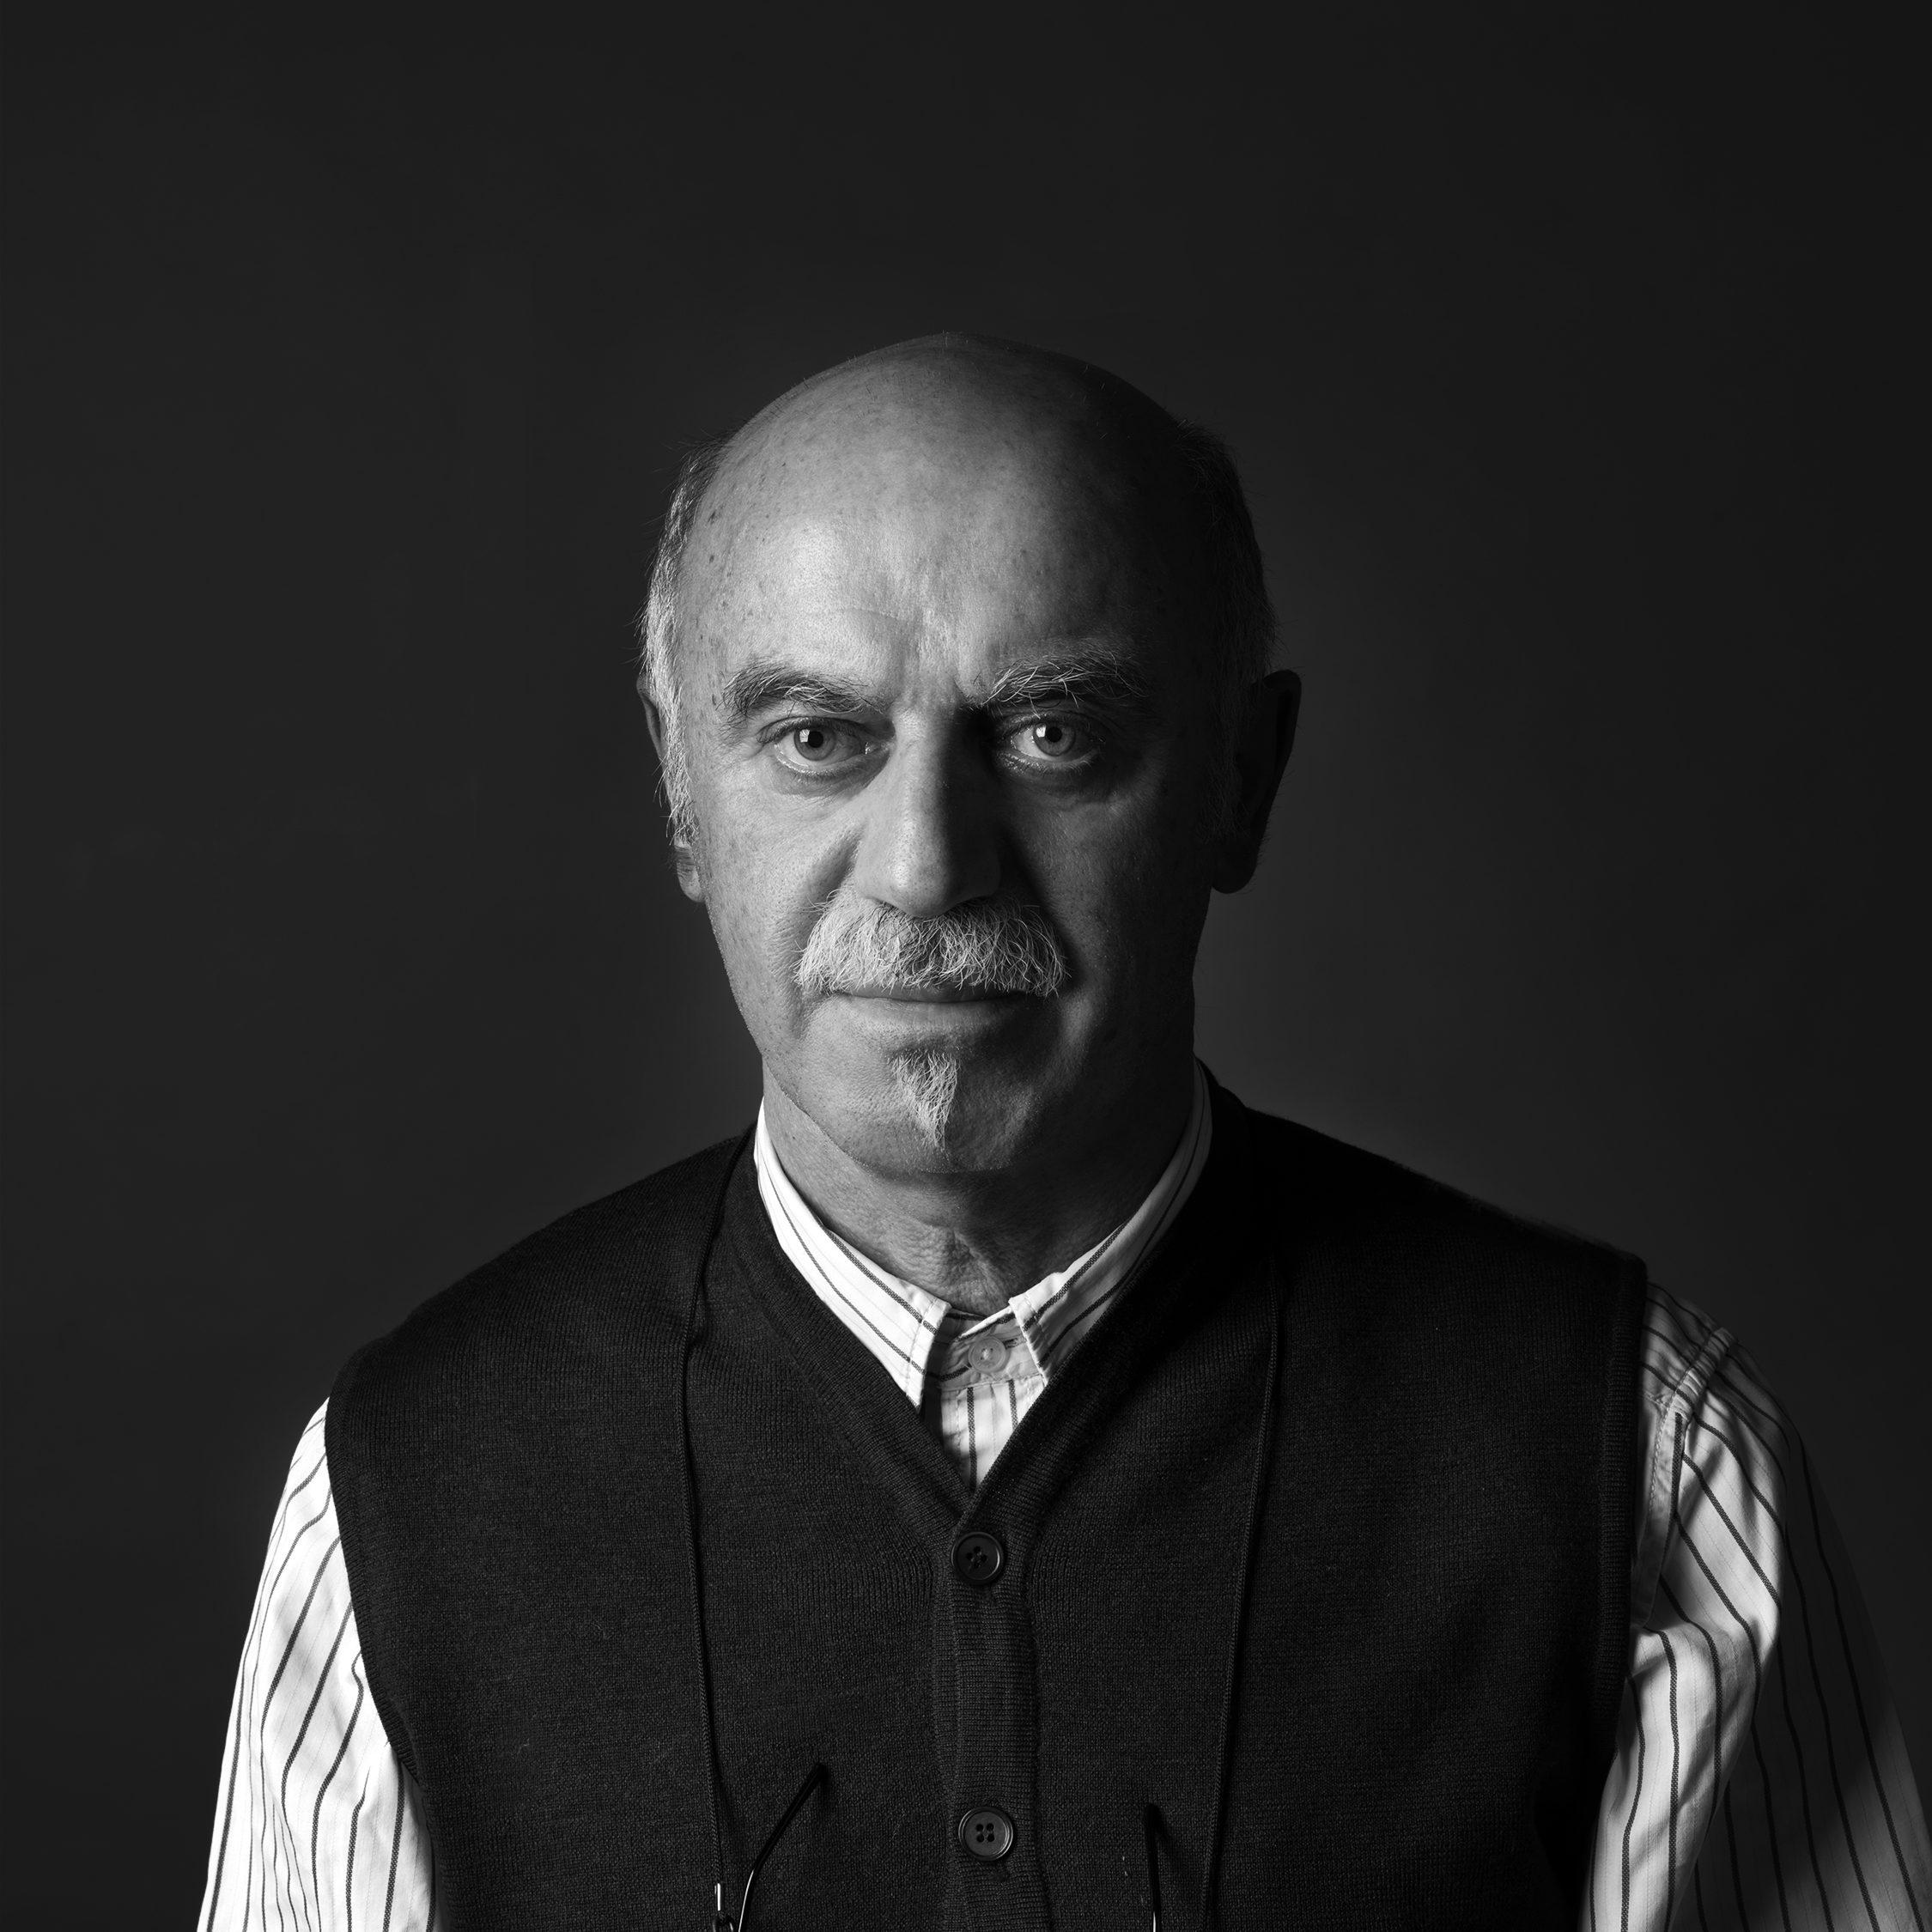 Maurizio-peregalli